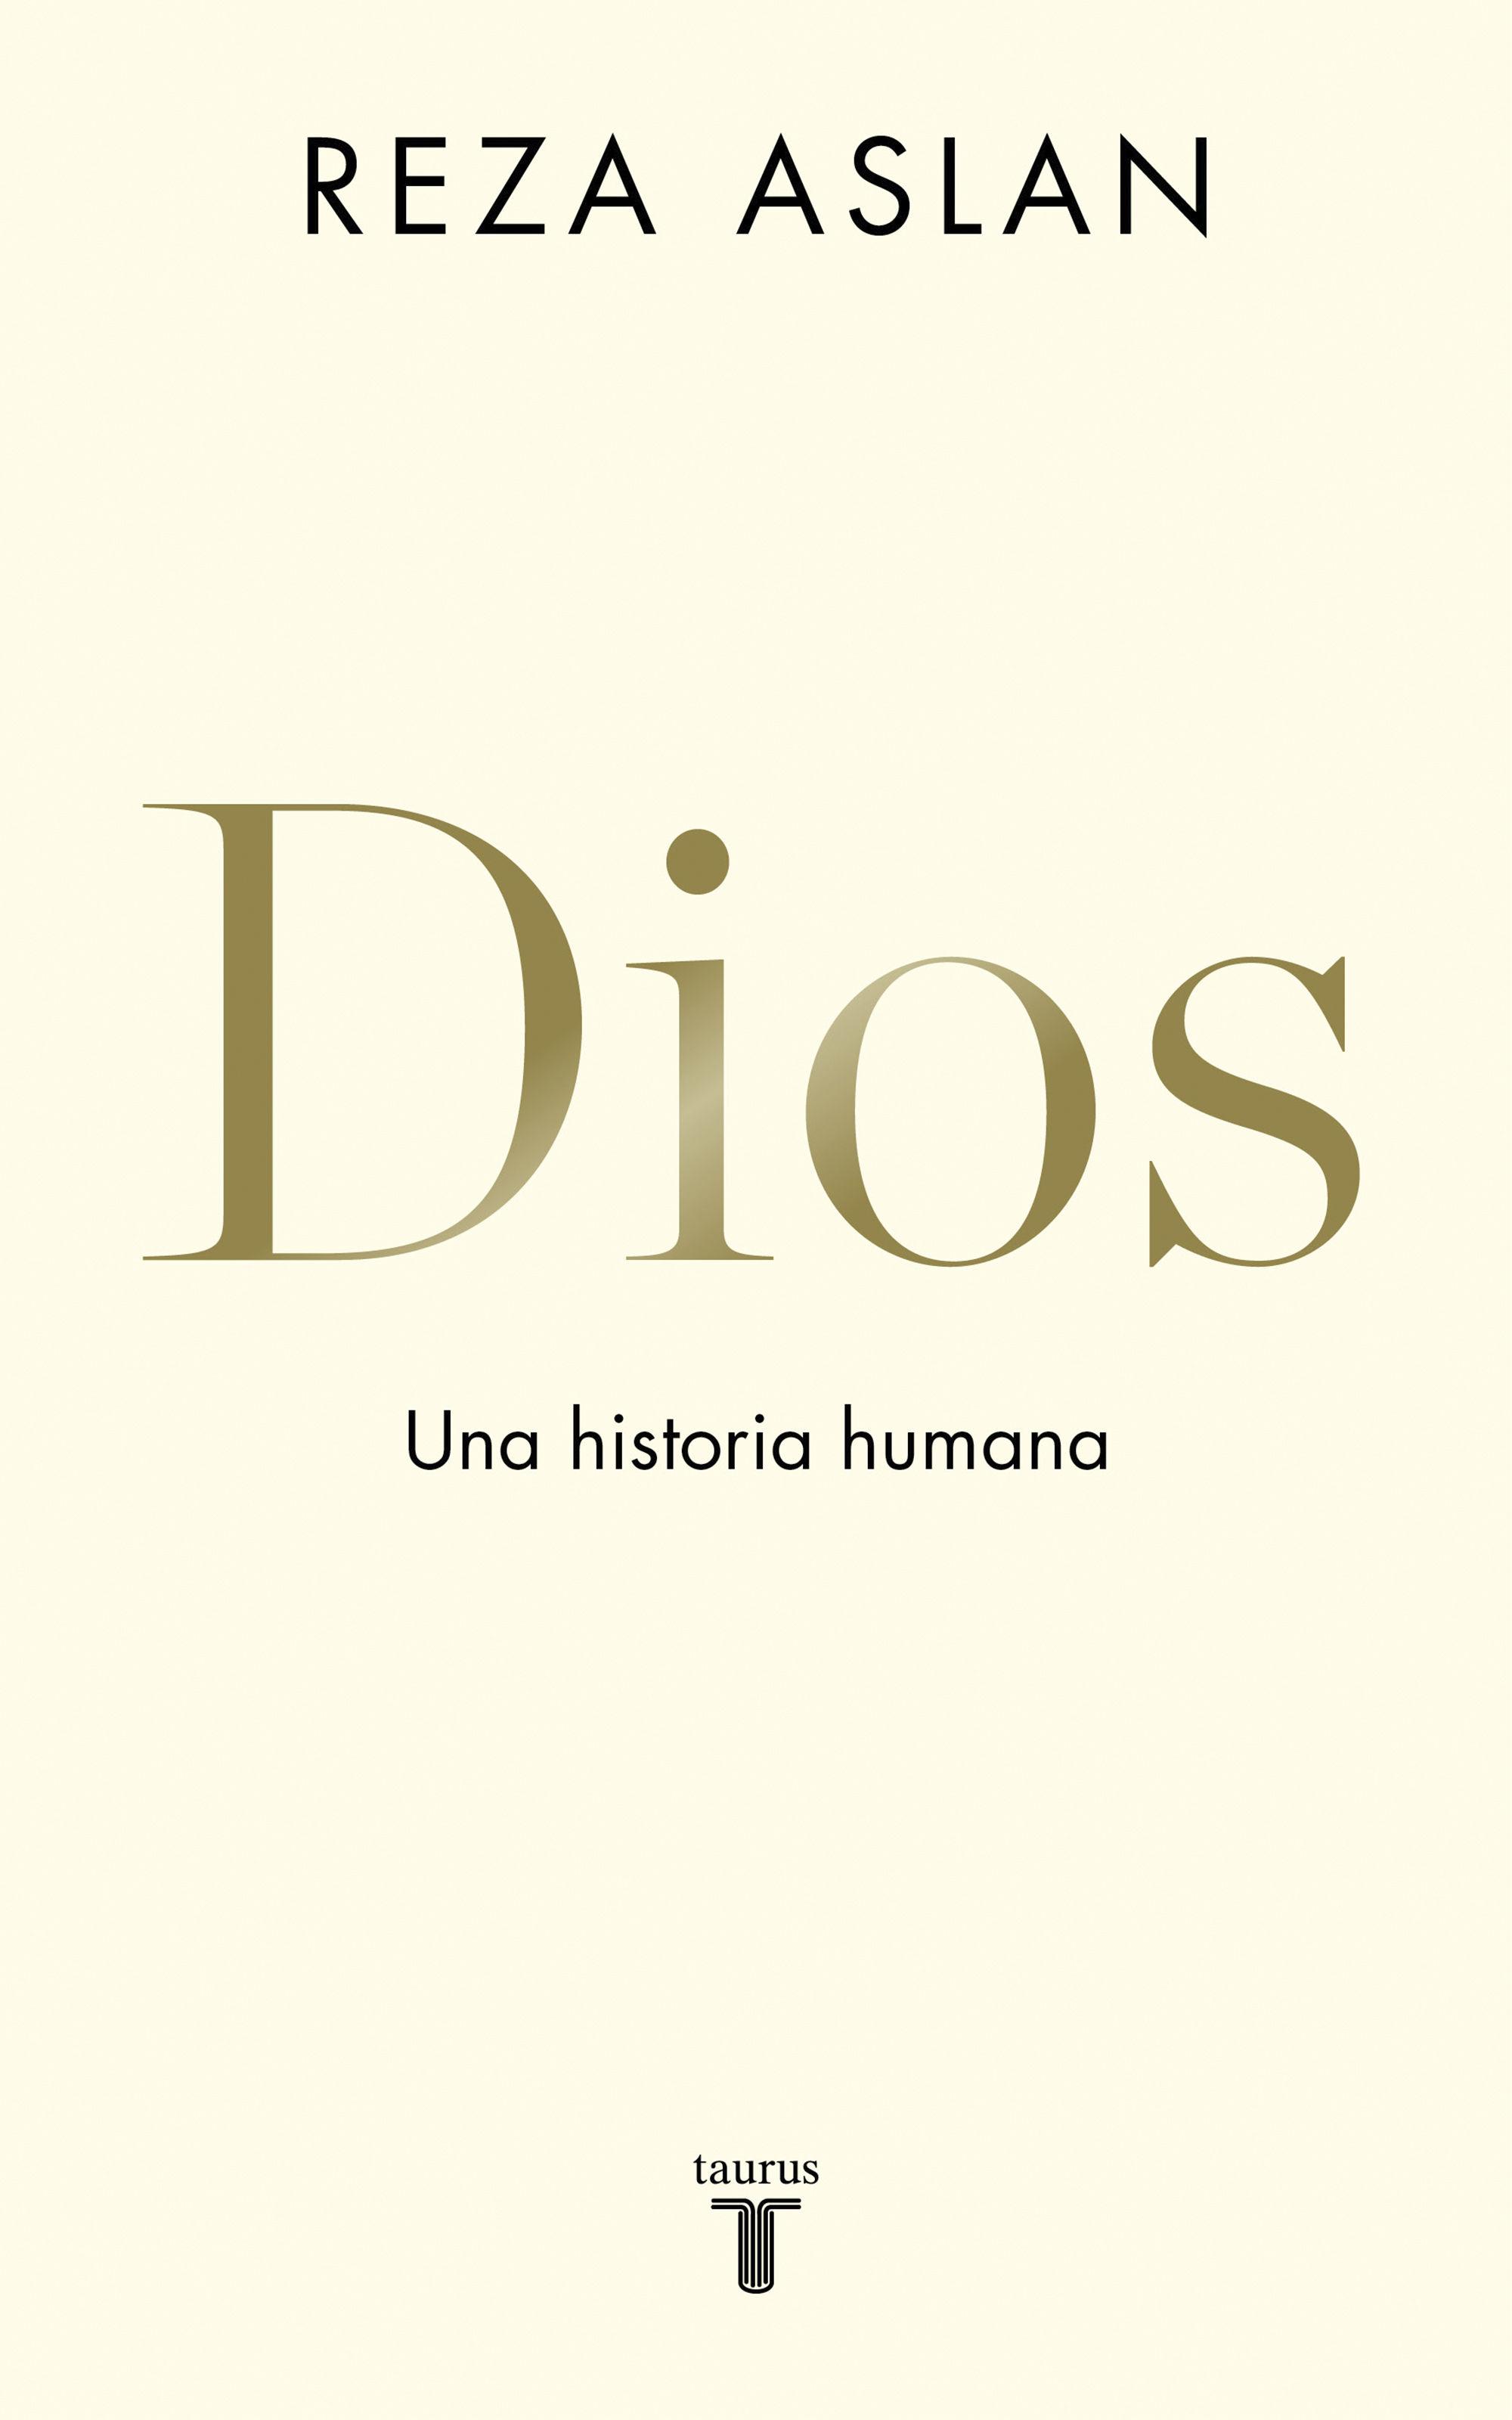 DIOS UNA HISTORIA HUMANA